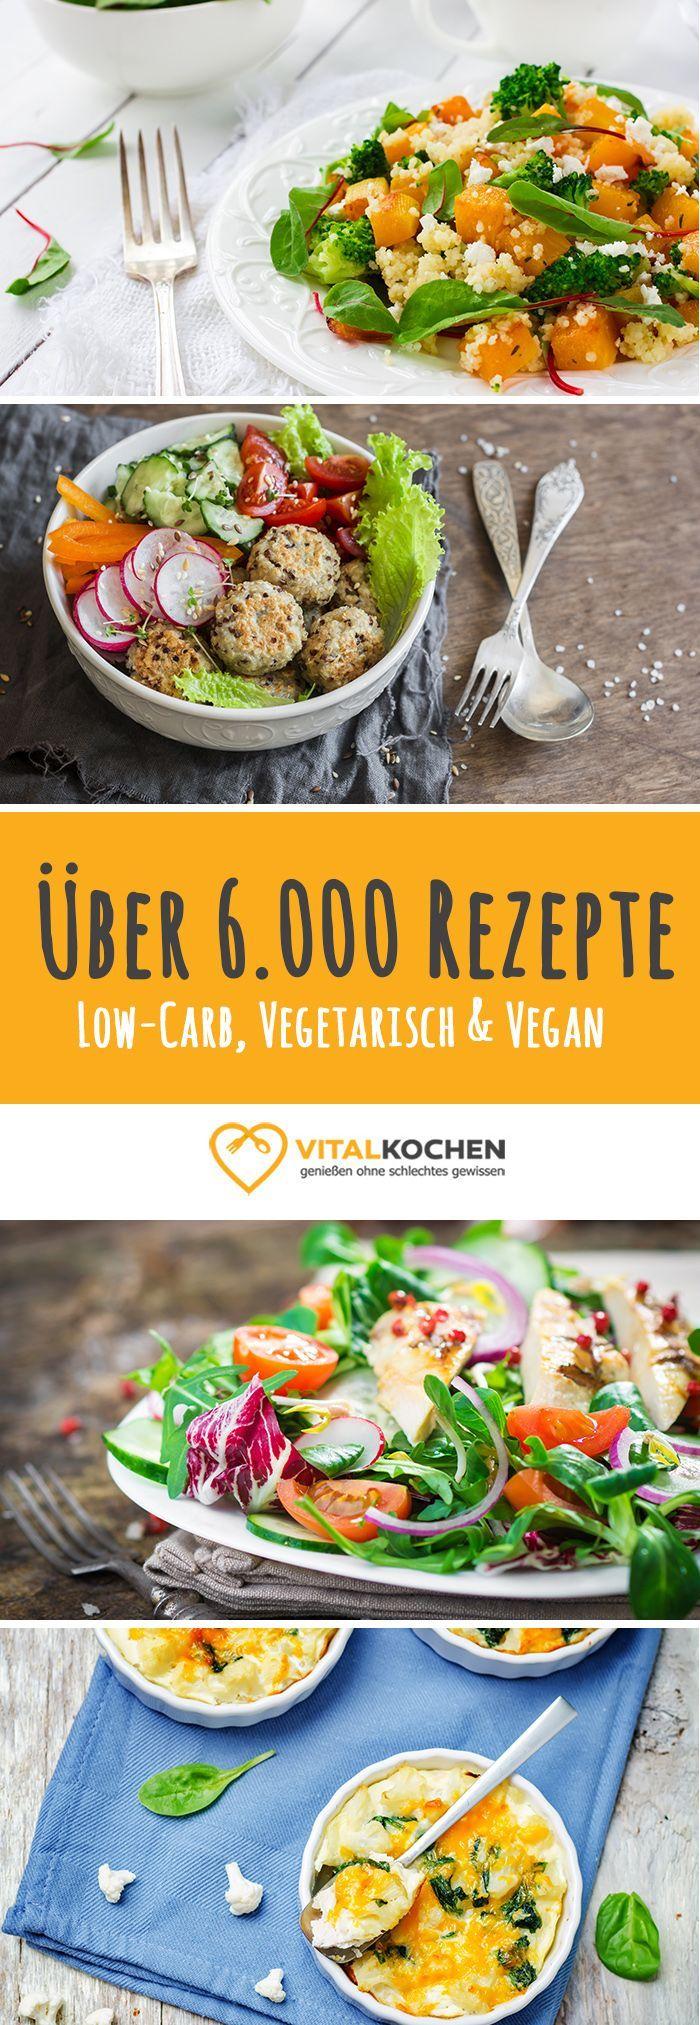 Über 6.000 vegetarische, vegane und Low-Carb Rezepte zum Abnehmen - Abwechlungs...